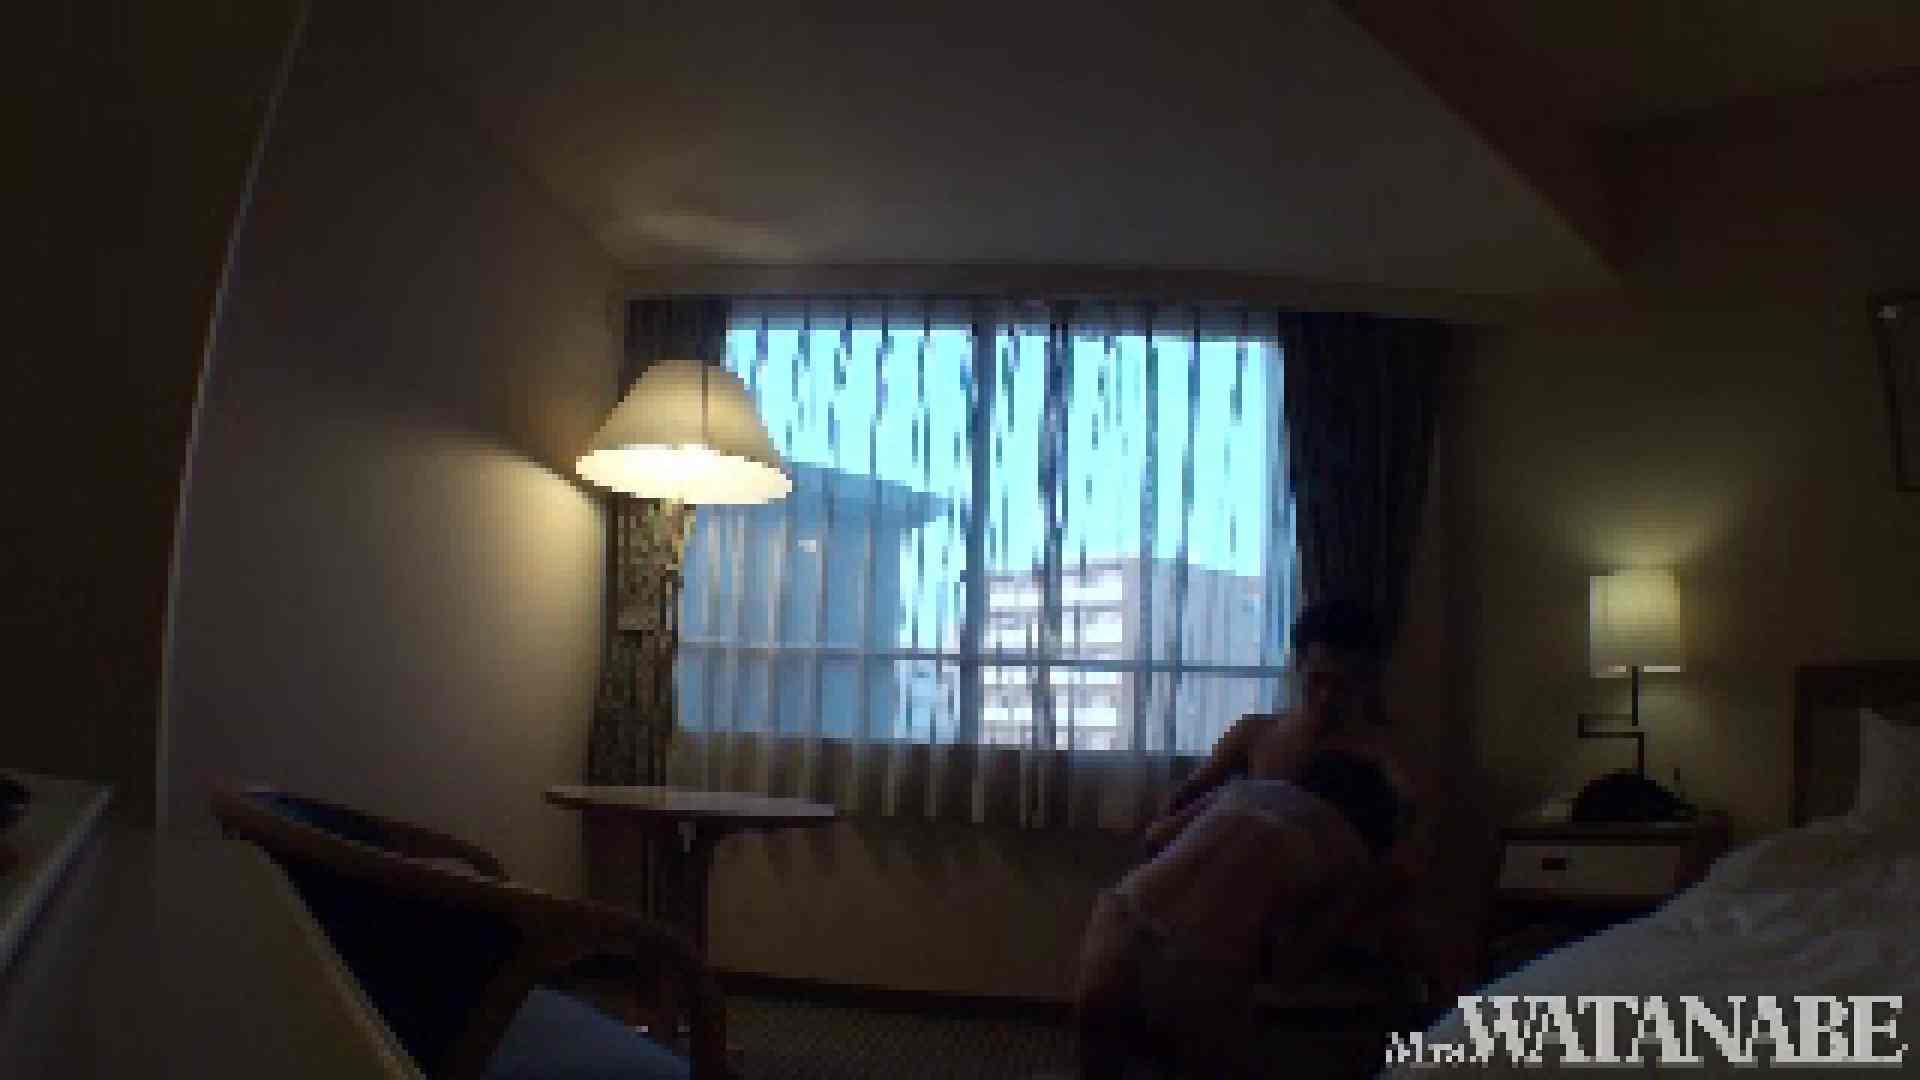 撮影スタッフを誘惑する痴熟女 かおり40歳 Vol.03 OLのエッチ  93pic 48